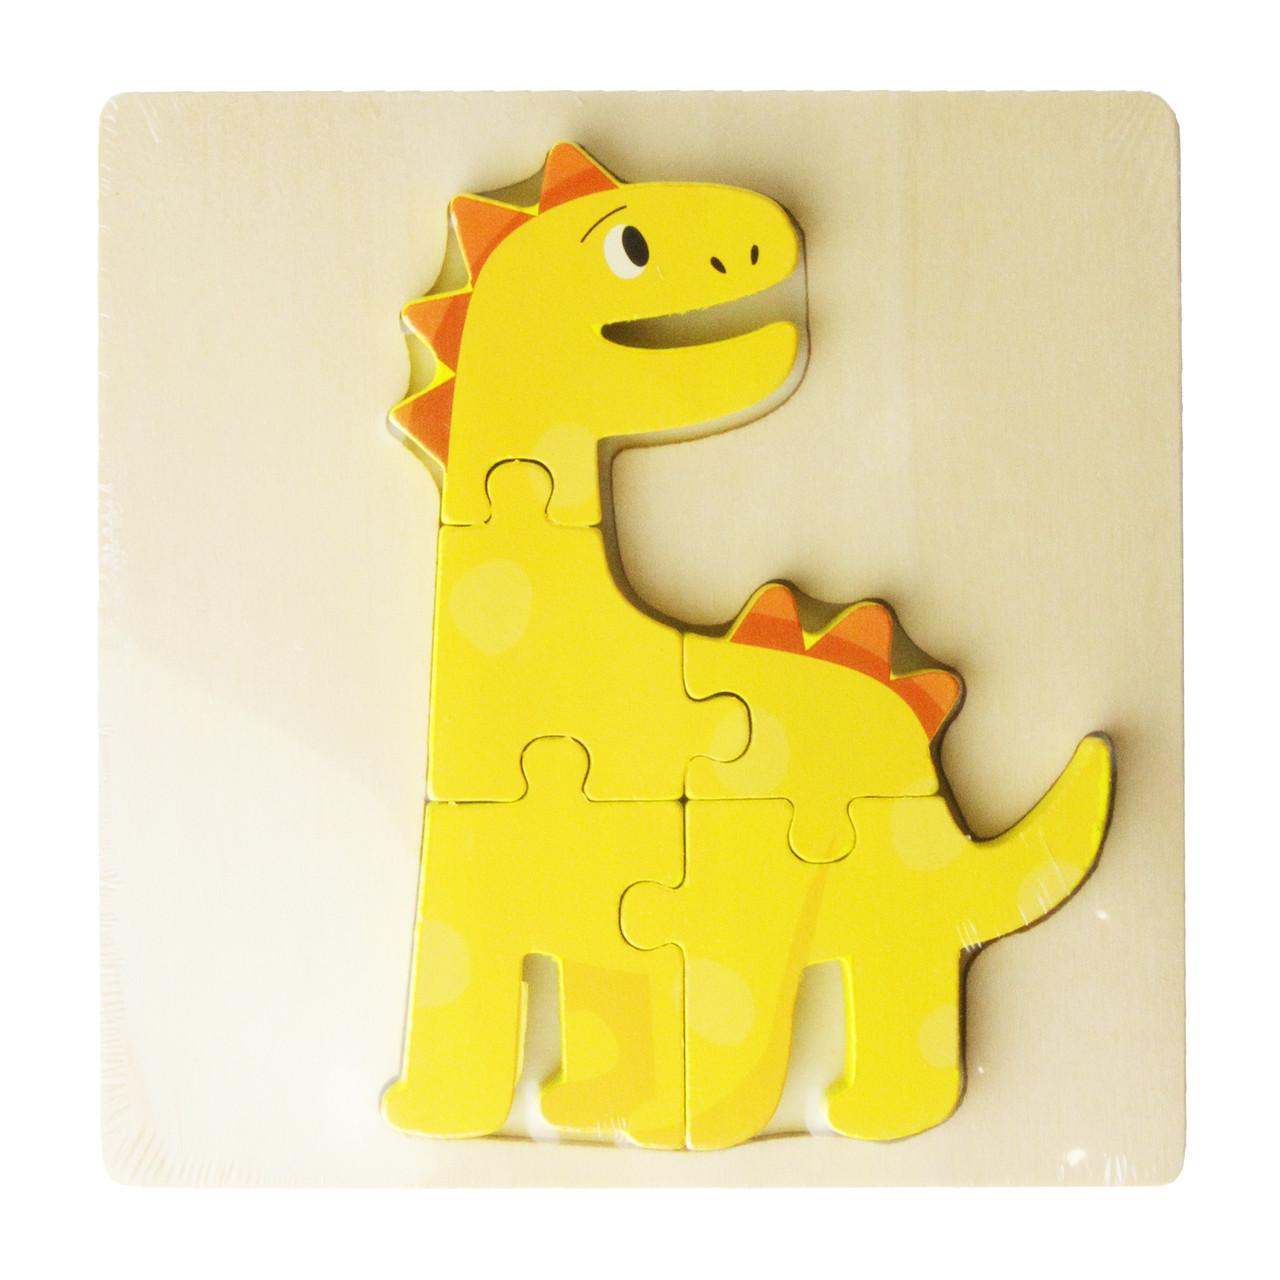 Деревянная игрушка Пазлы MD 2598-3 (Динозавр) 15-15см